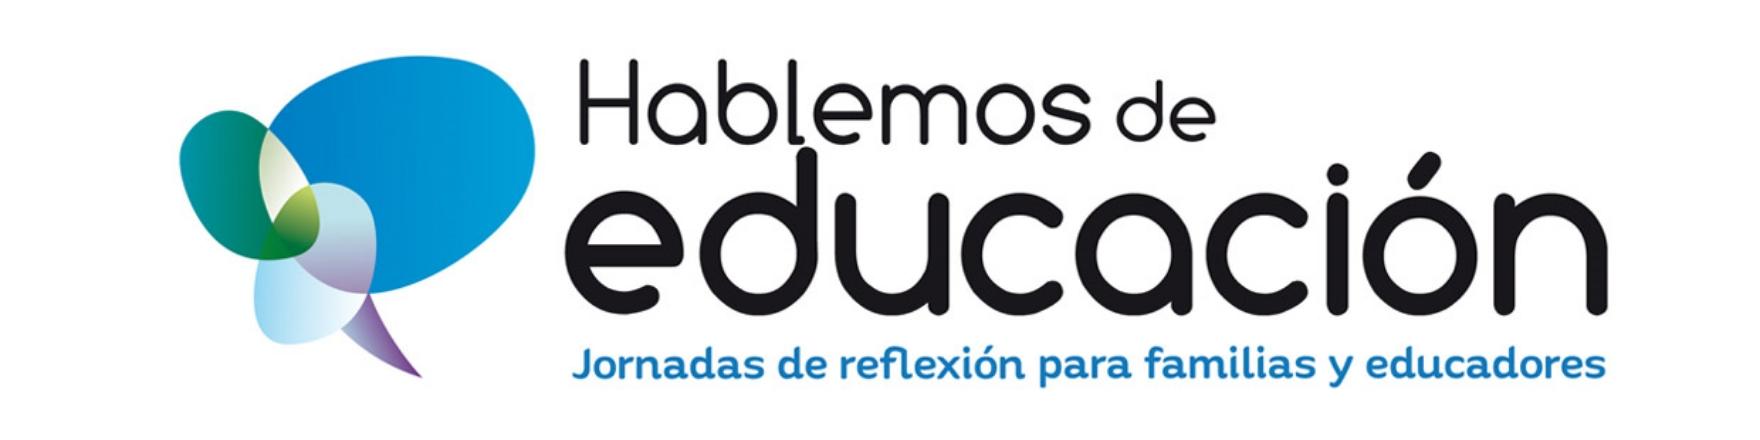 cabecera hablemos de educacion 2018